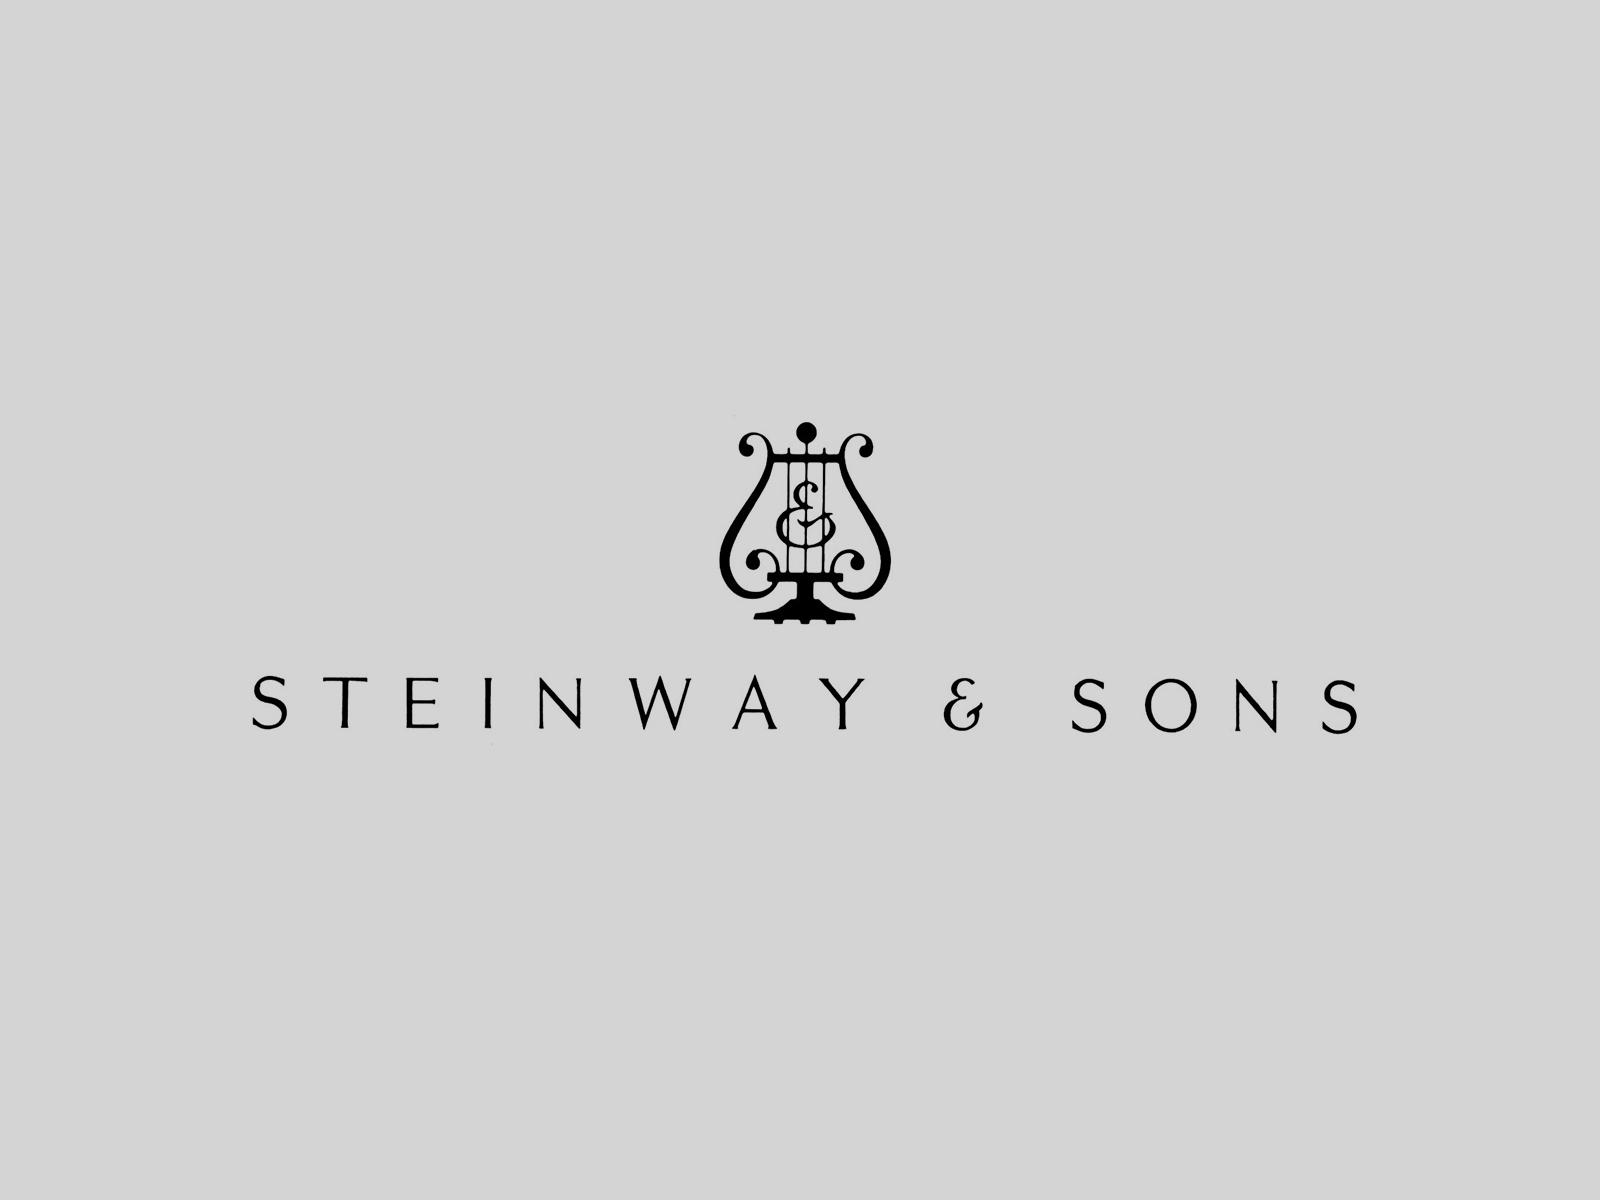 steinwaylogo